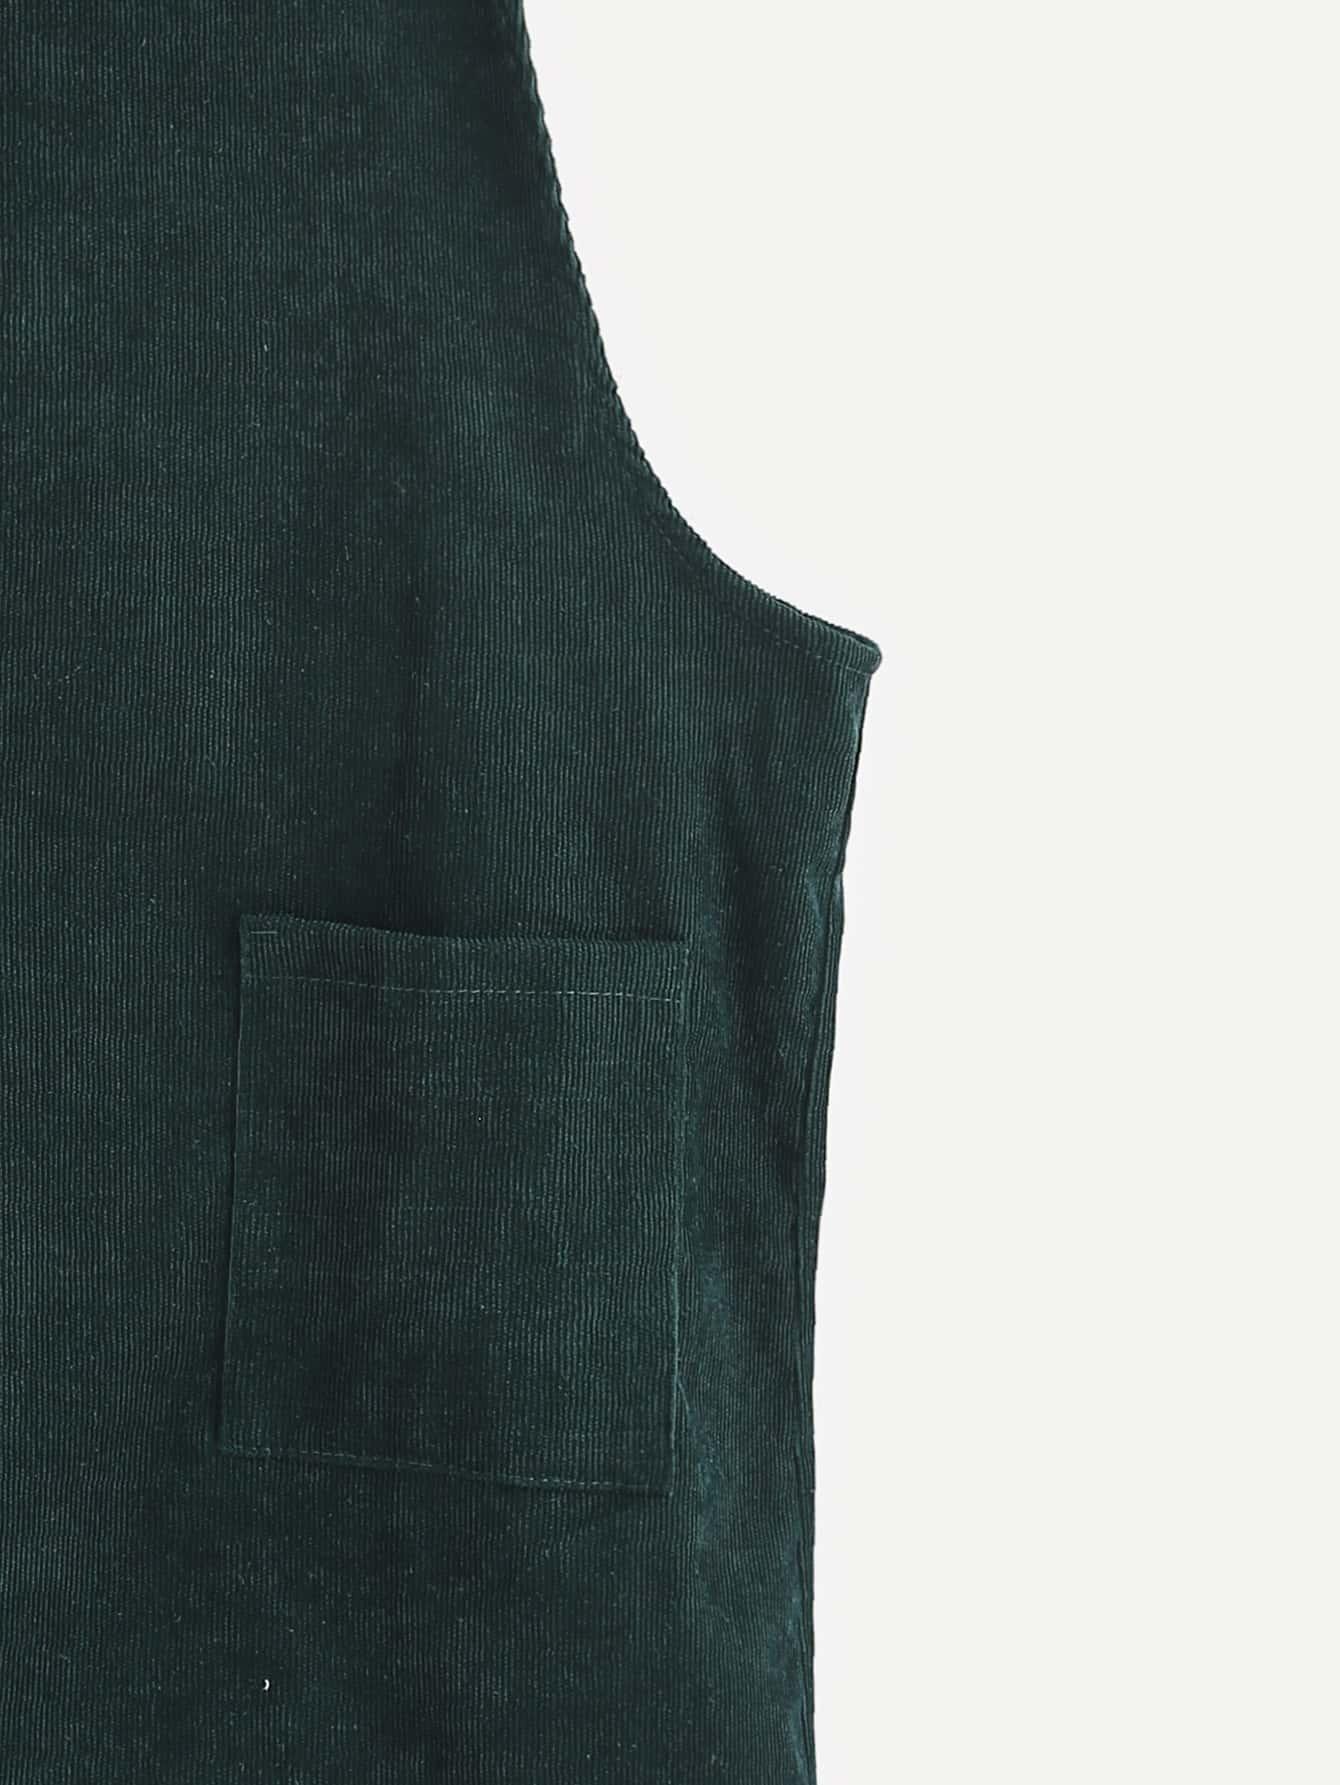 dress161107104_2